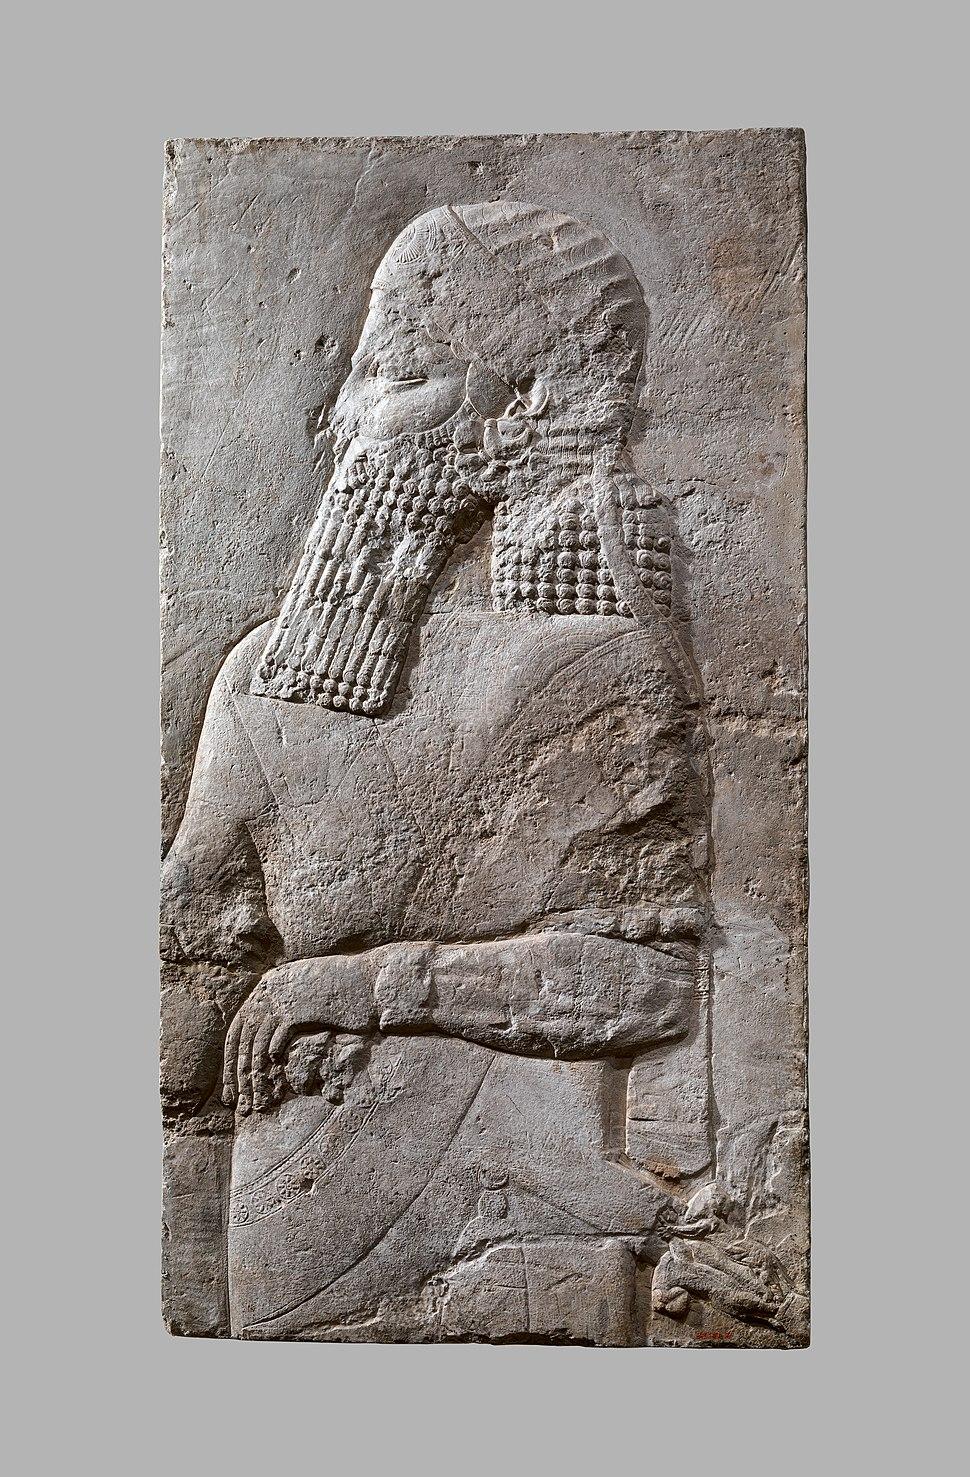 Assyrian Crown-Prince MET DP-13006-005